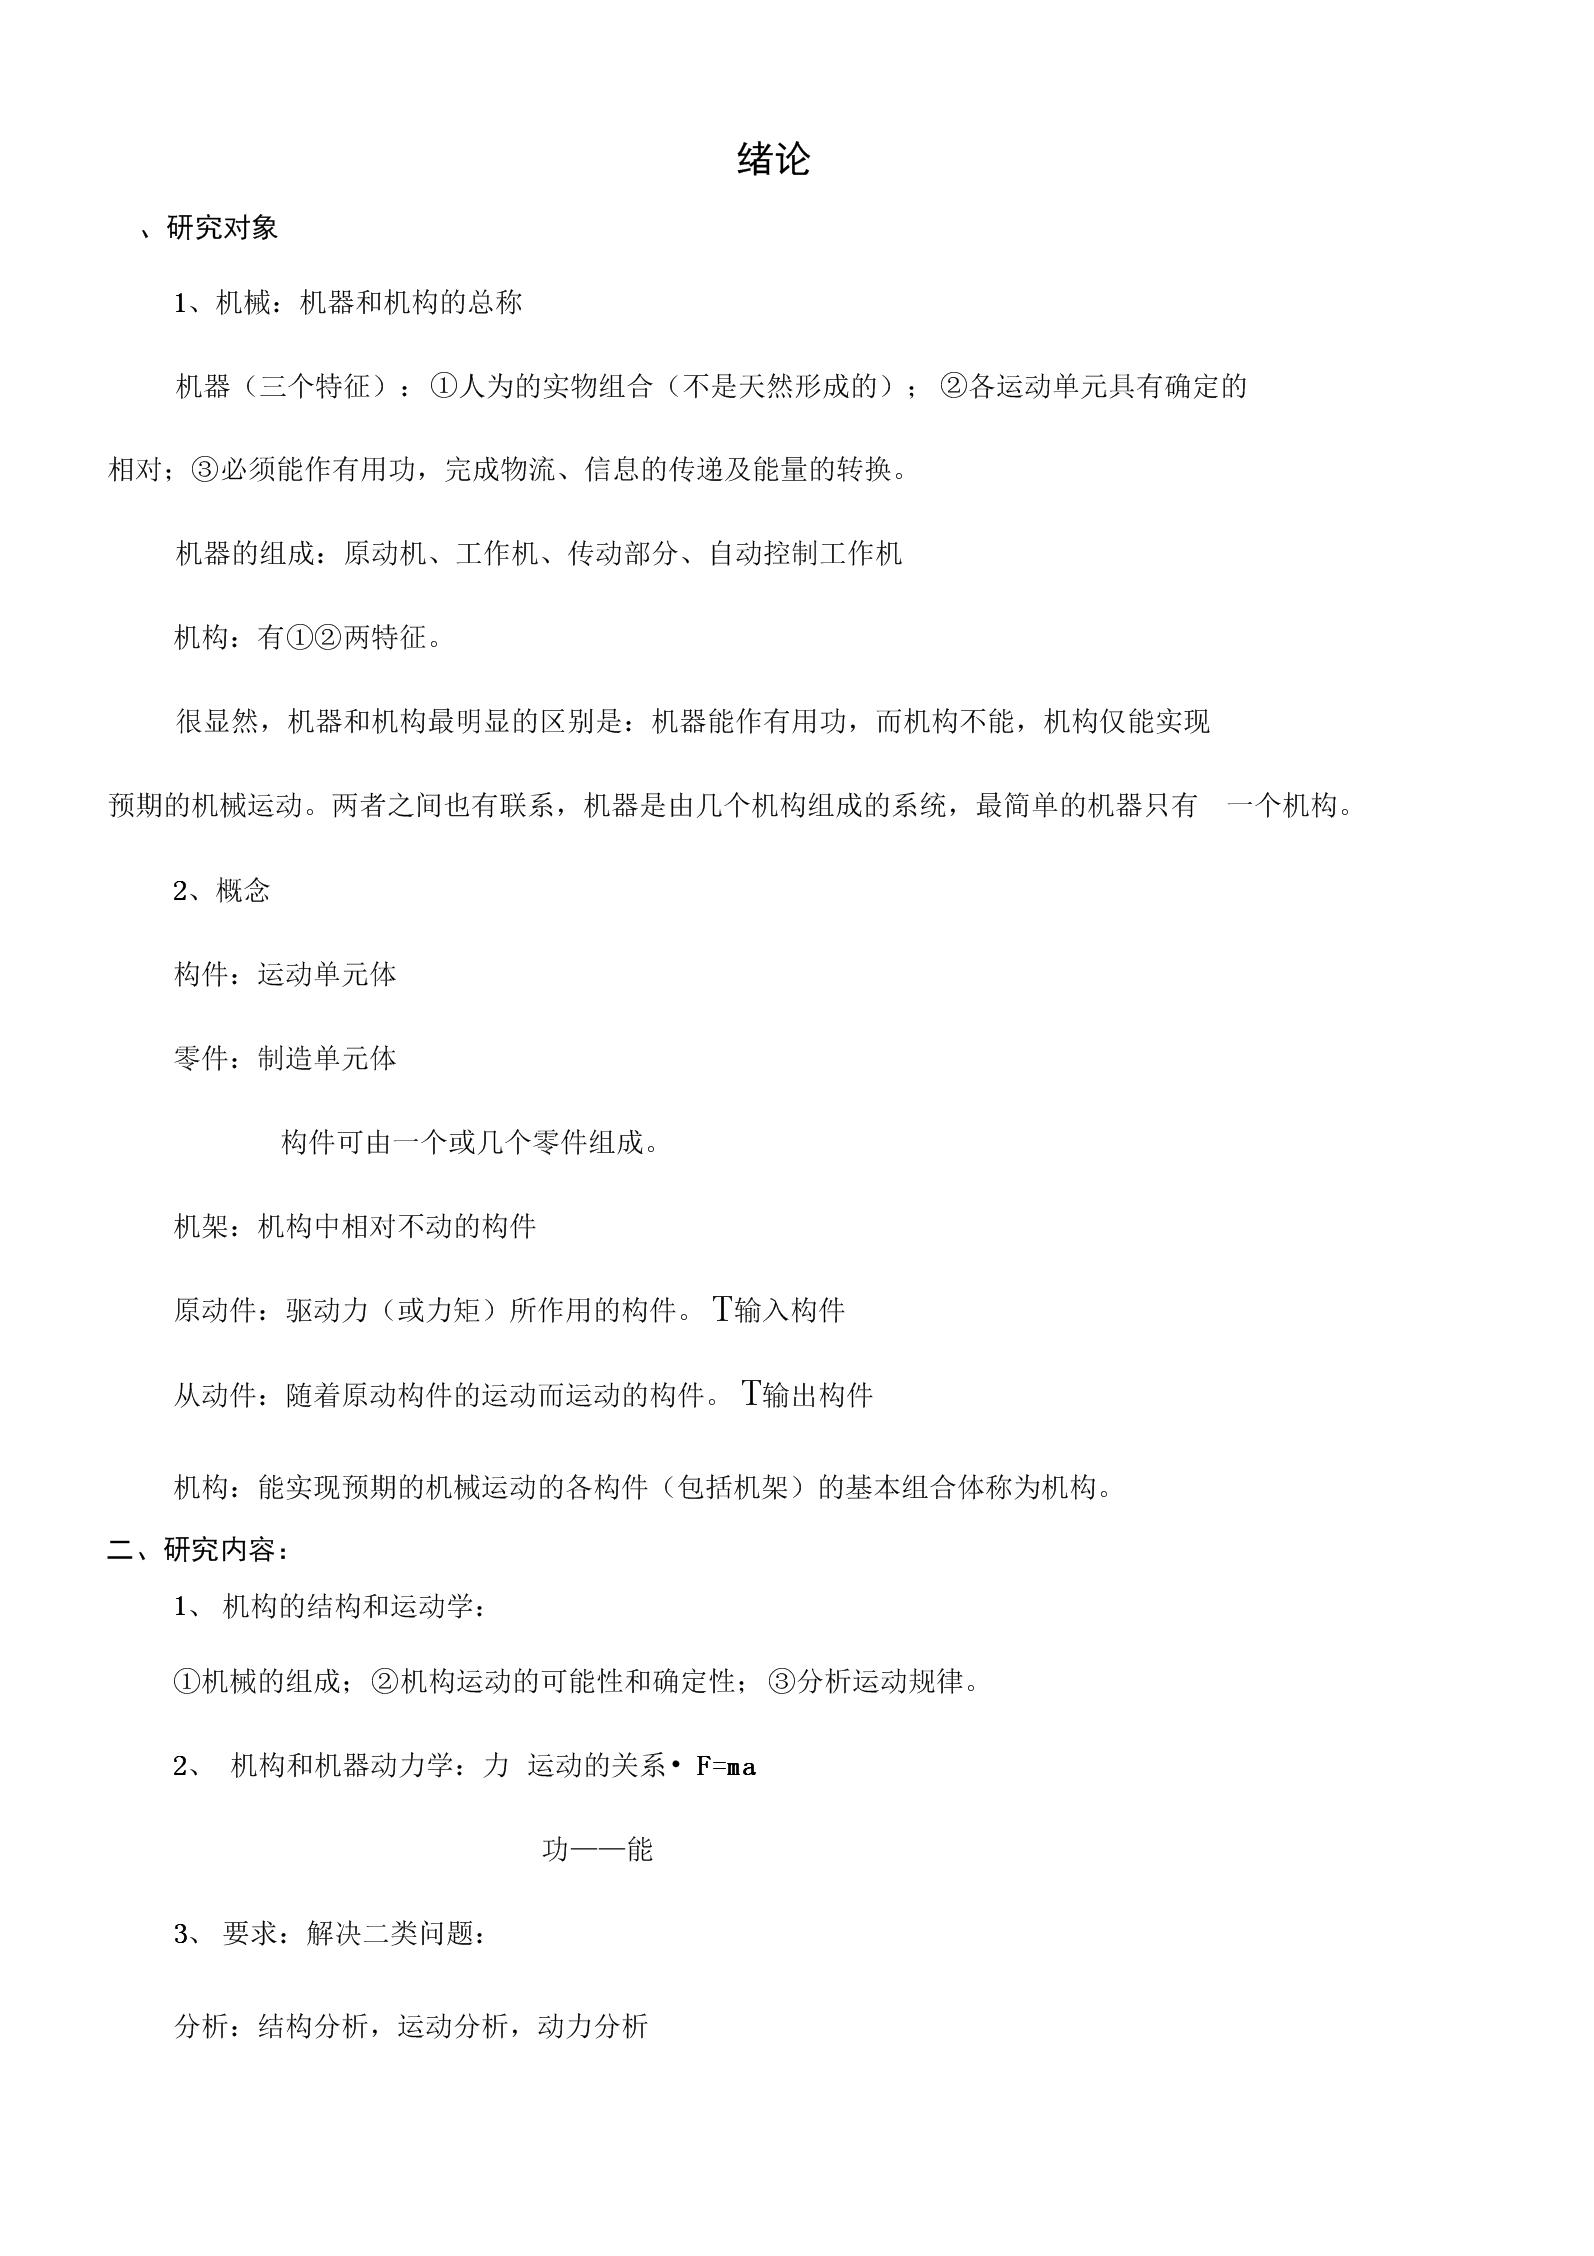 2020年新版《机械原理》讲义.docx